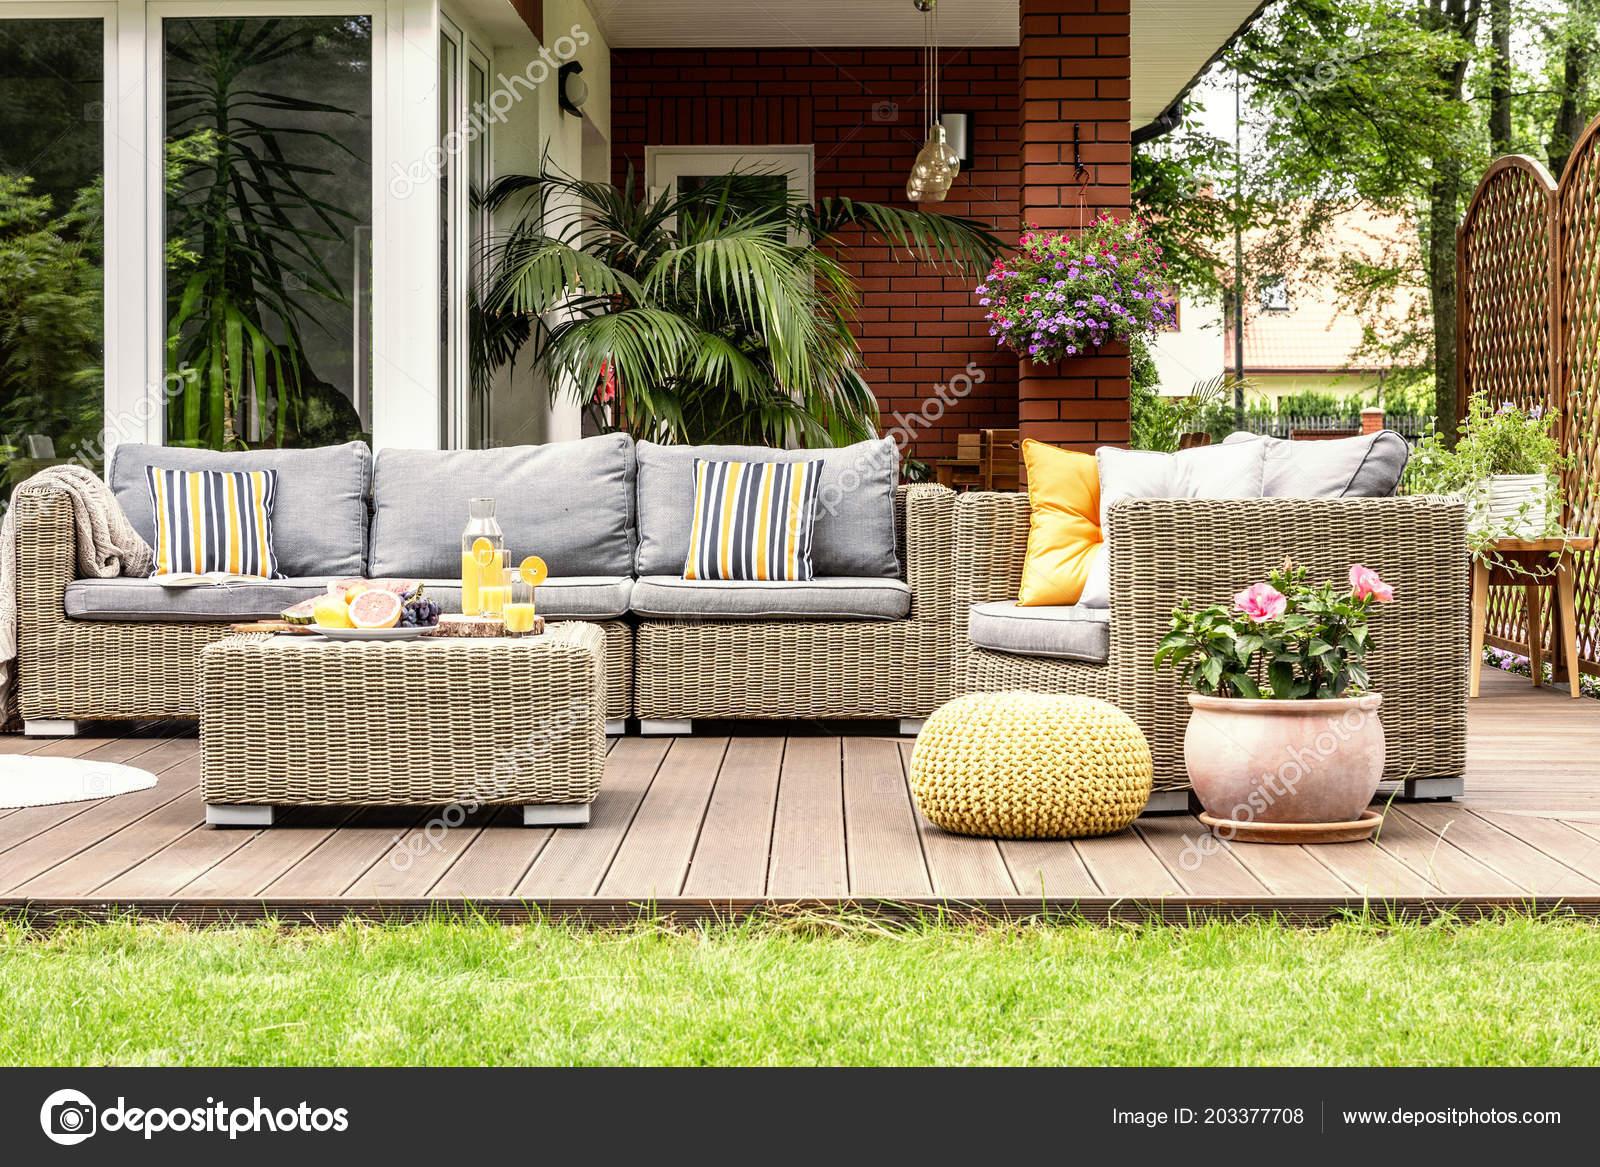 Mobili per terrazzo in rattan arredo per esterni arredamento giardino arredi in rattan mobili - Mobili da giardino low cost ...